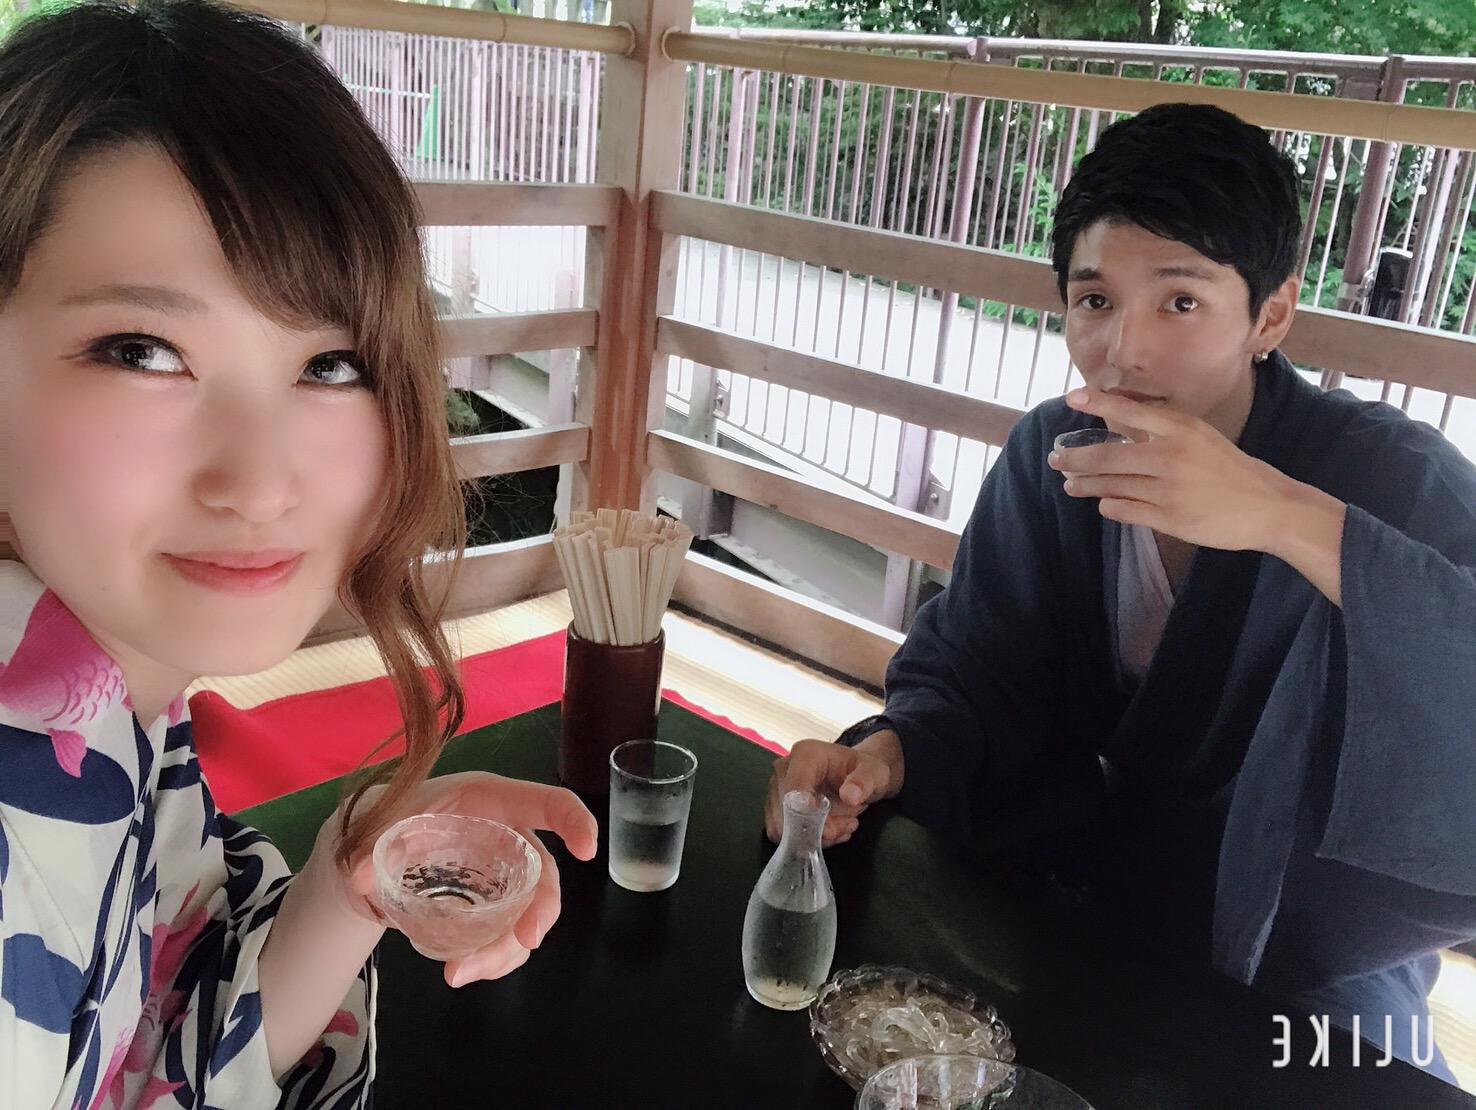 七夕はカップルで浴衣レンタル♡2019年7月7日11